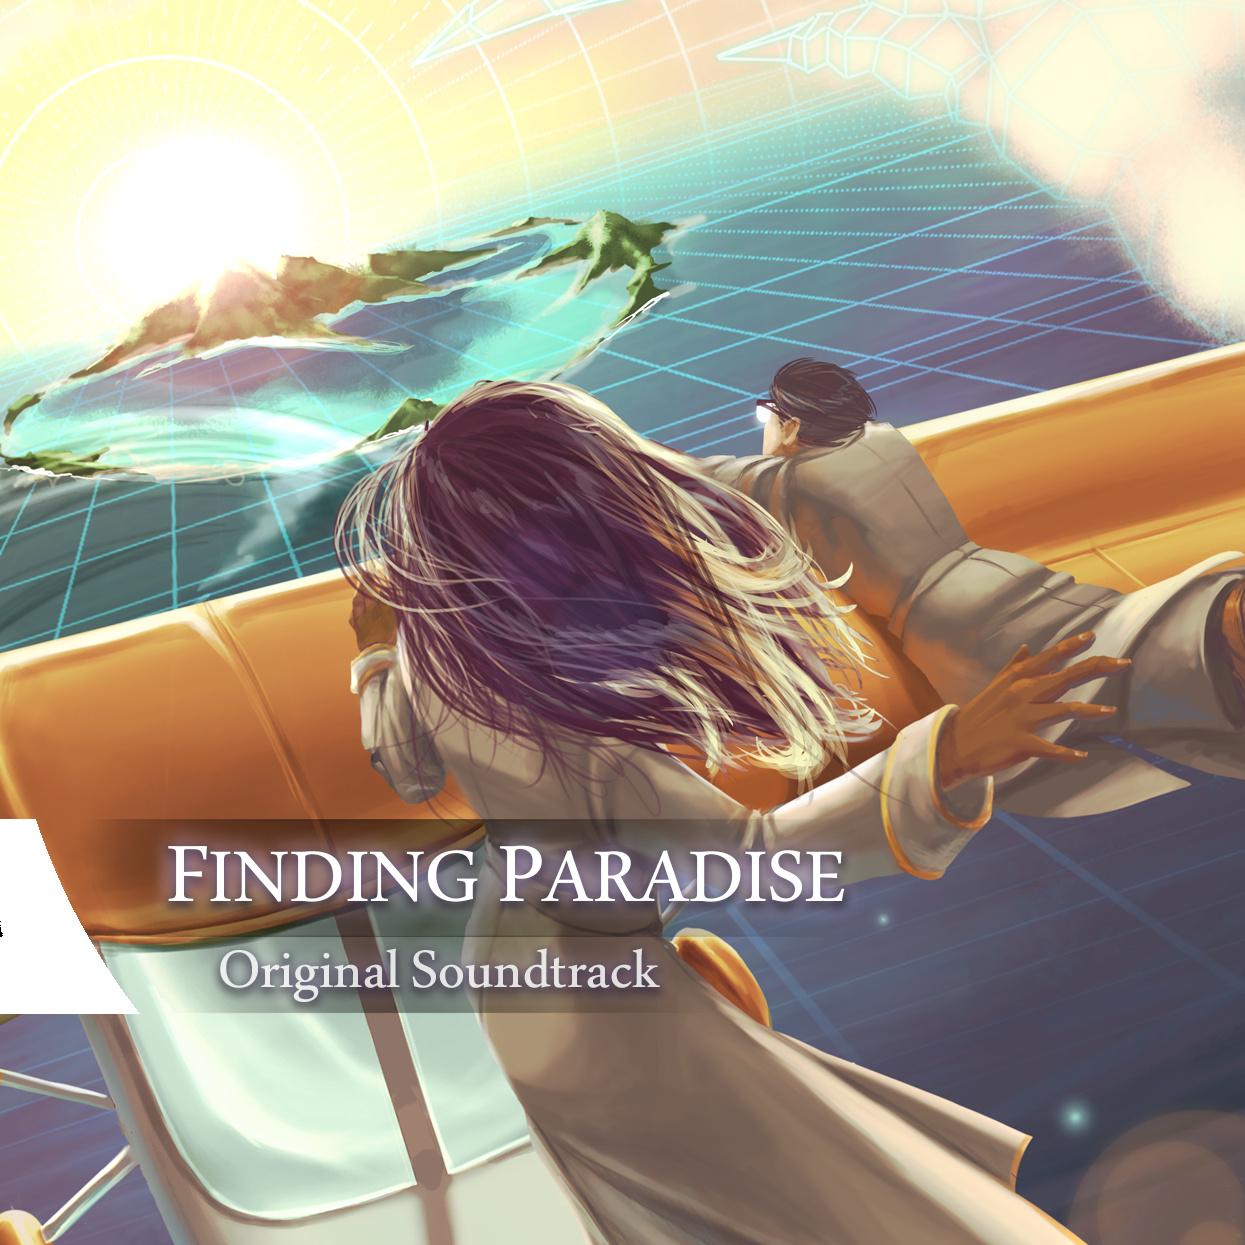 Finding Paradise Soundtrack(《寻找天堂》原声音乐集)